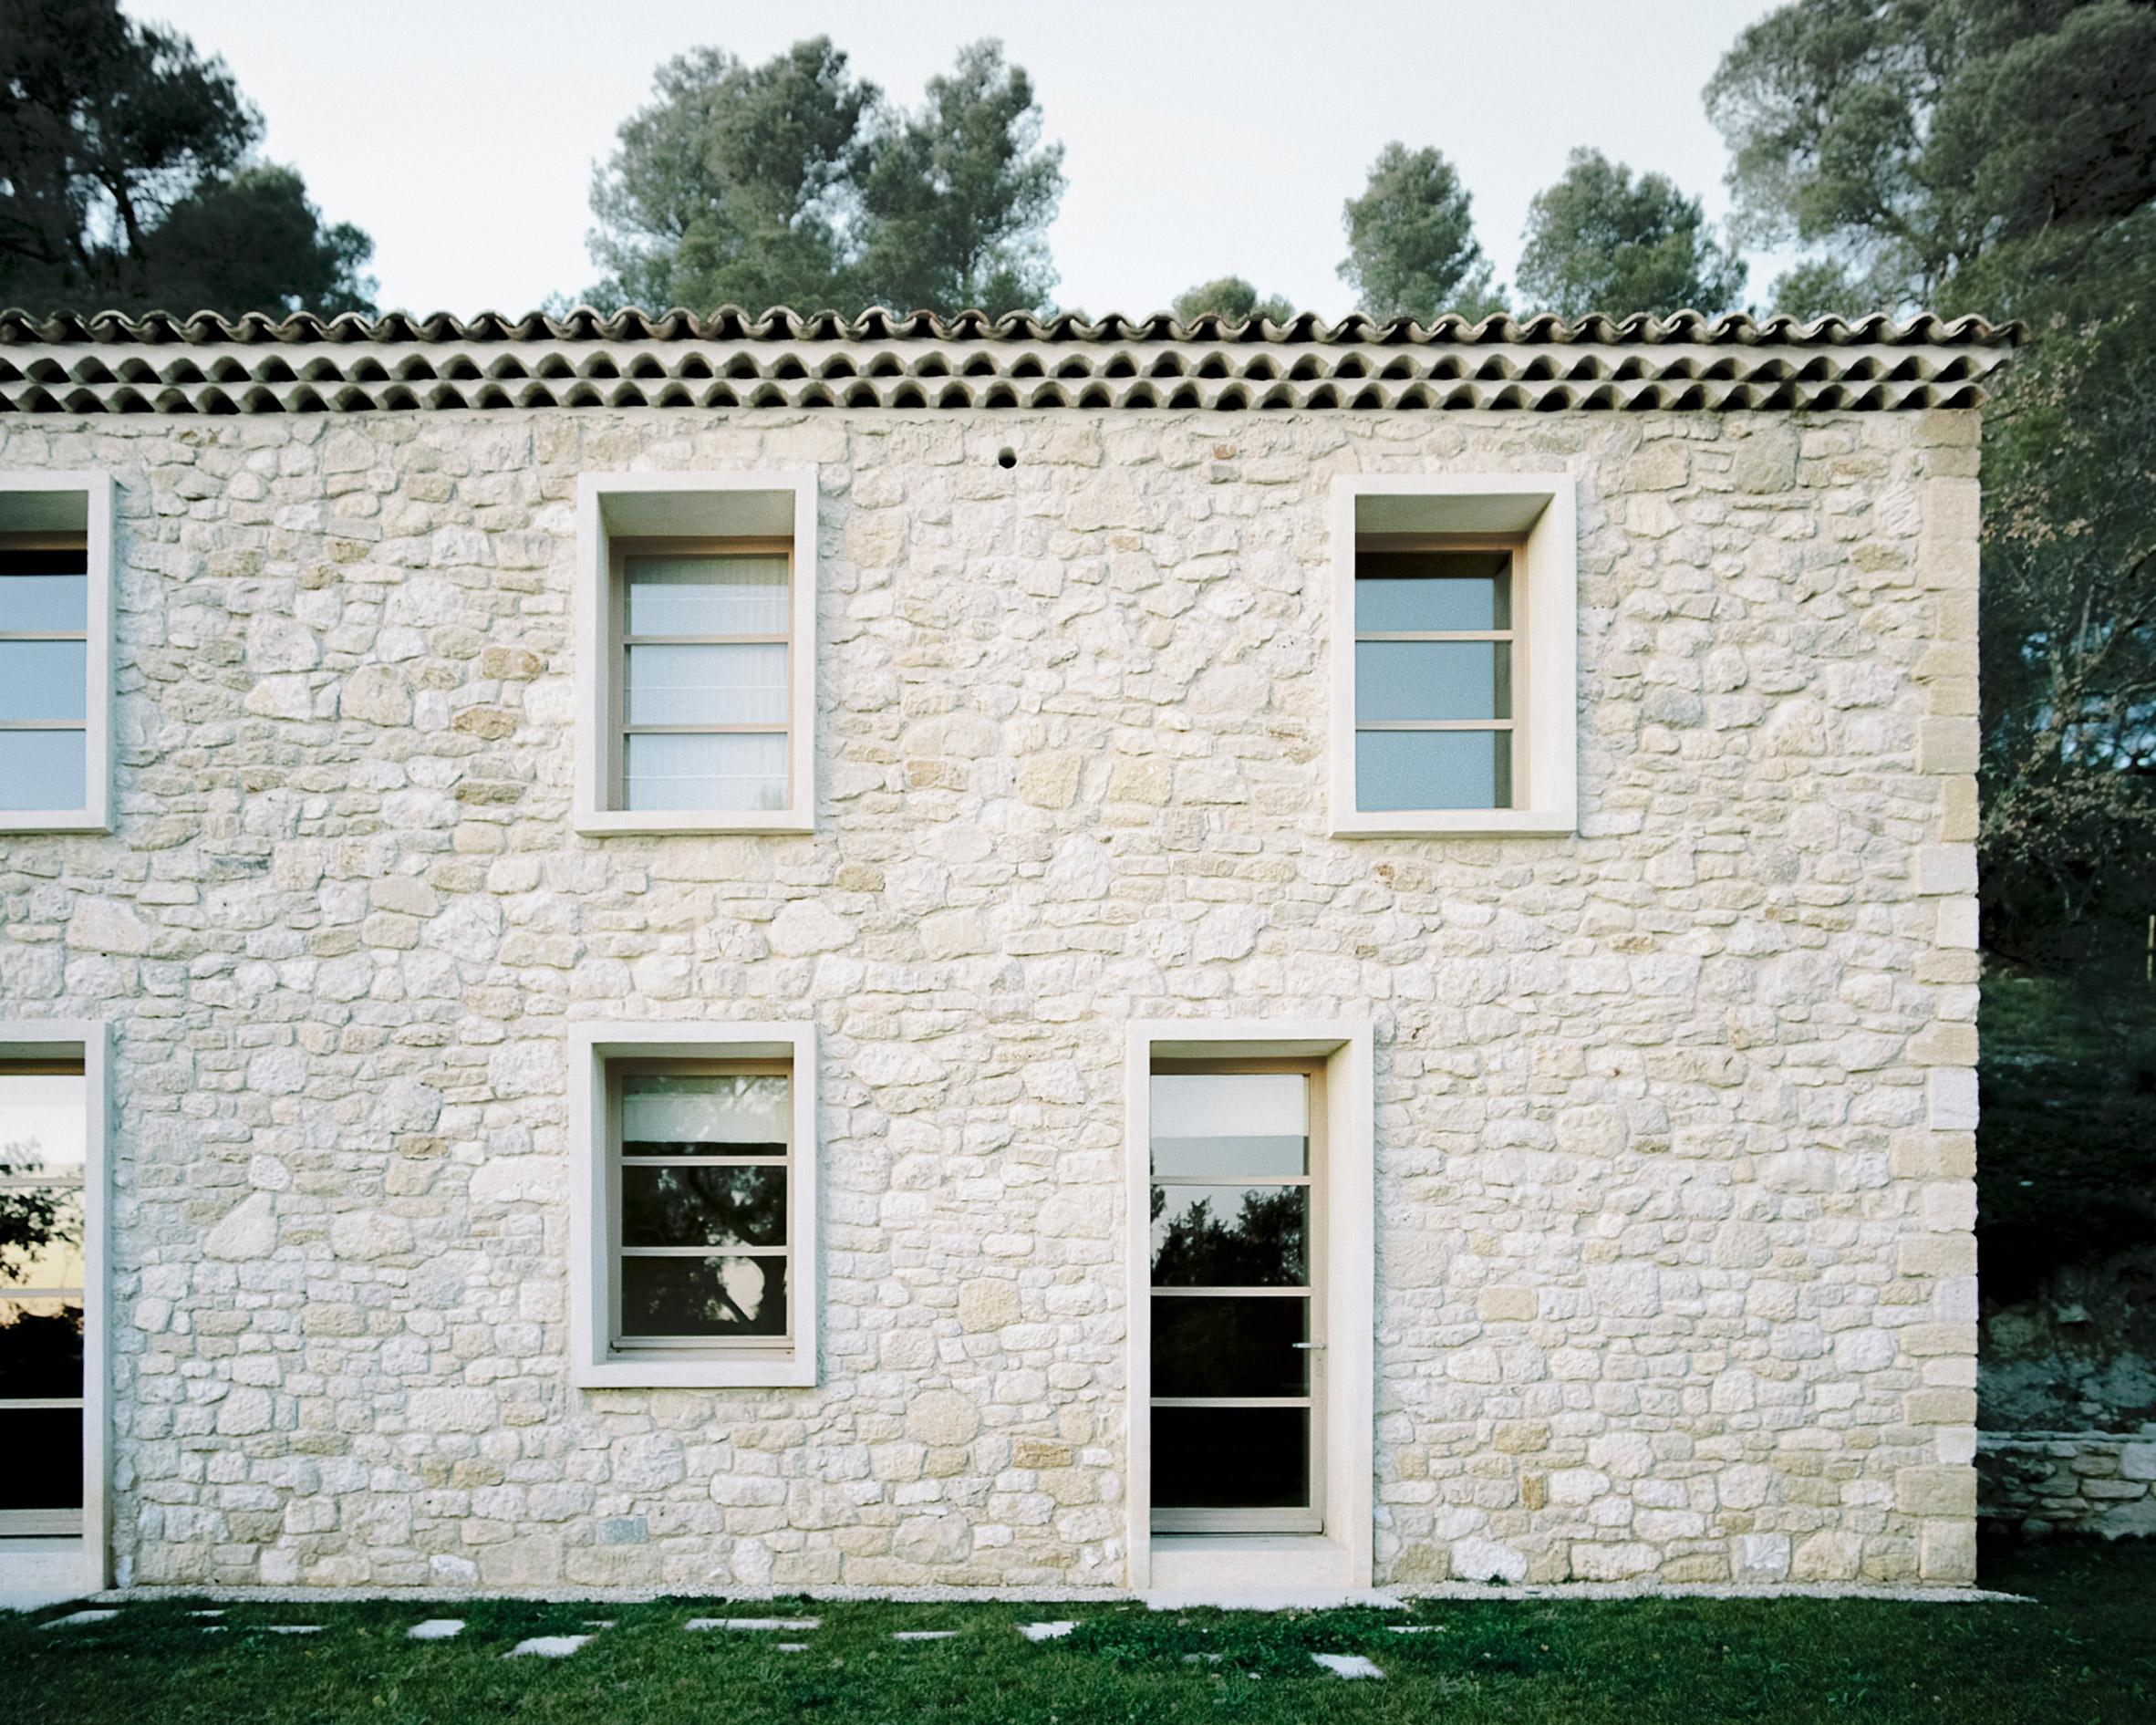 Nội thất nhà nông thôn ở Pháp 11